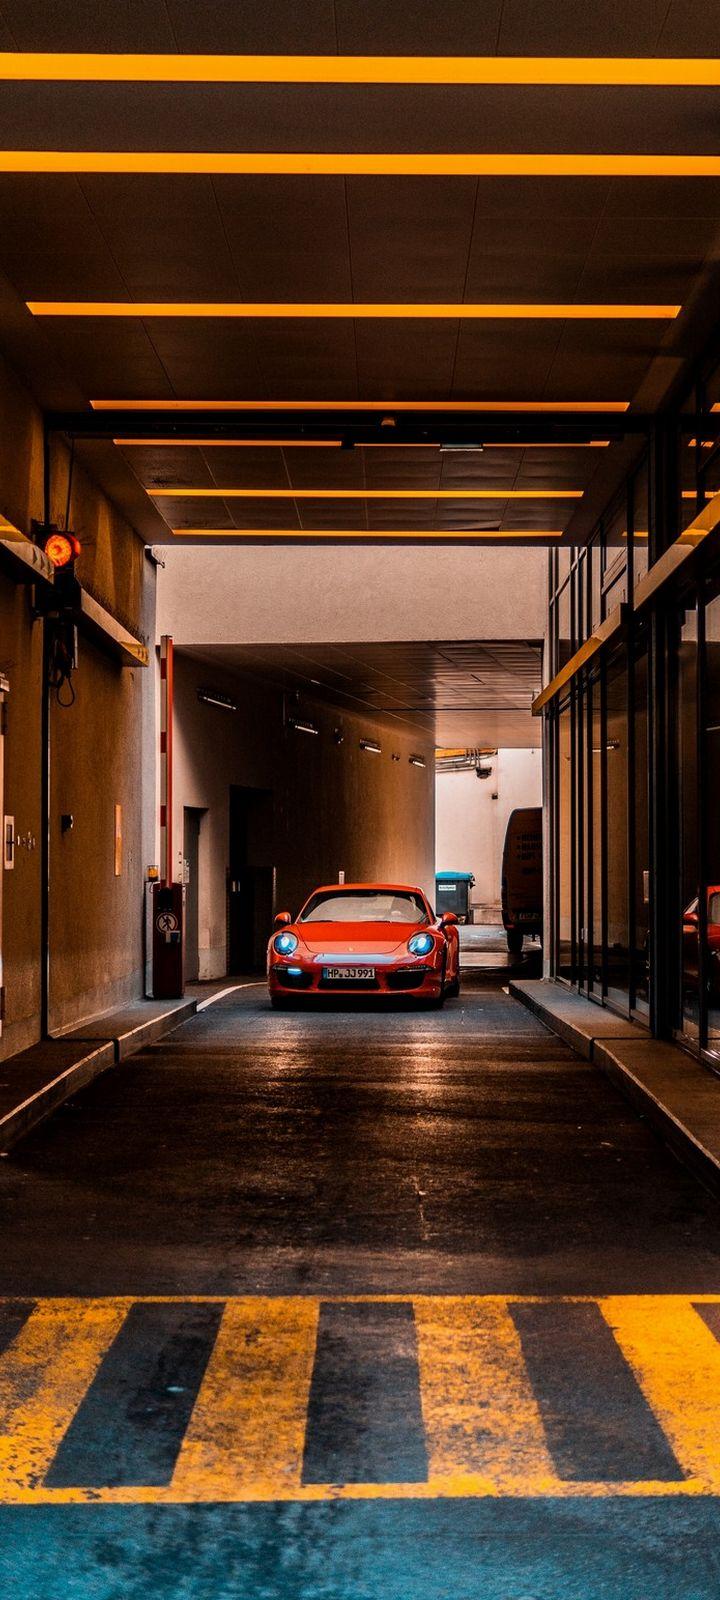 Porsche 911 Gt2 Porsche 911 Porsche Wallpaper 720x1600